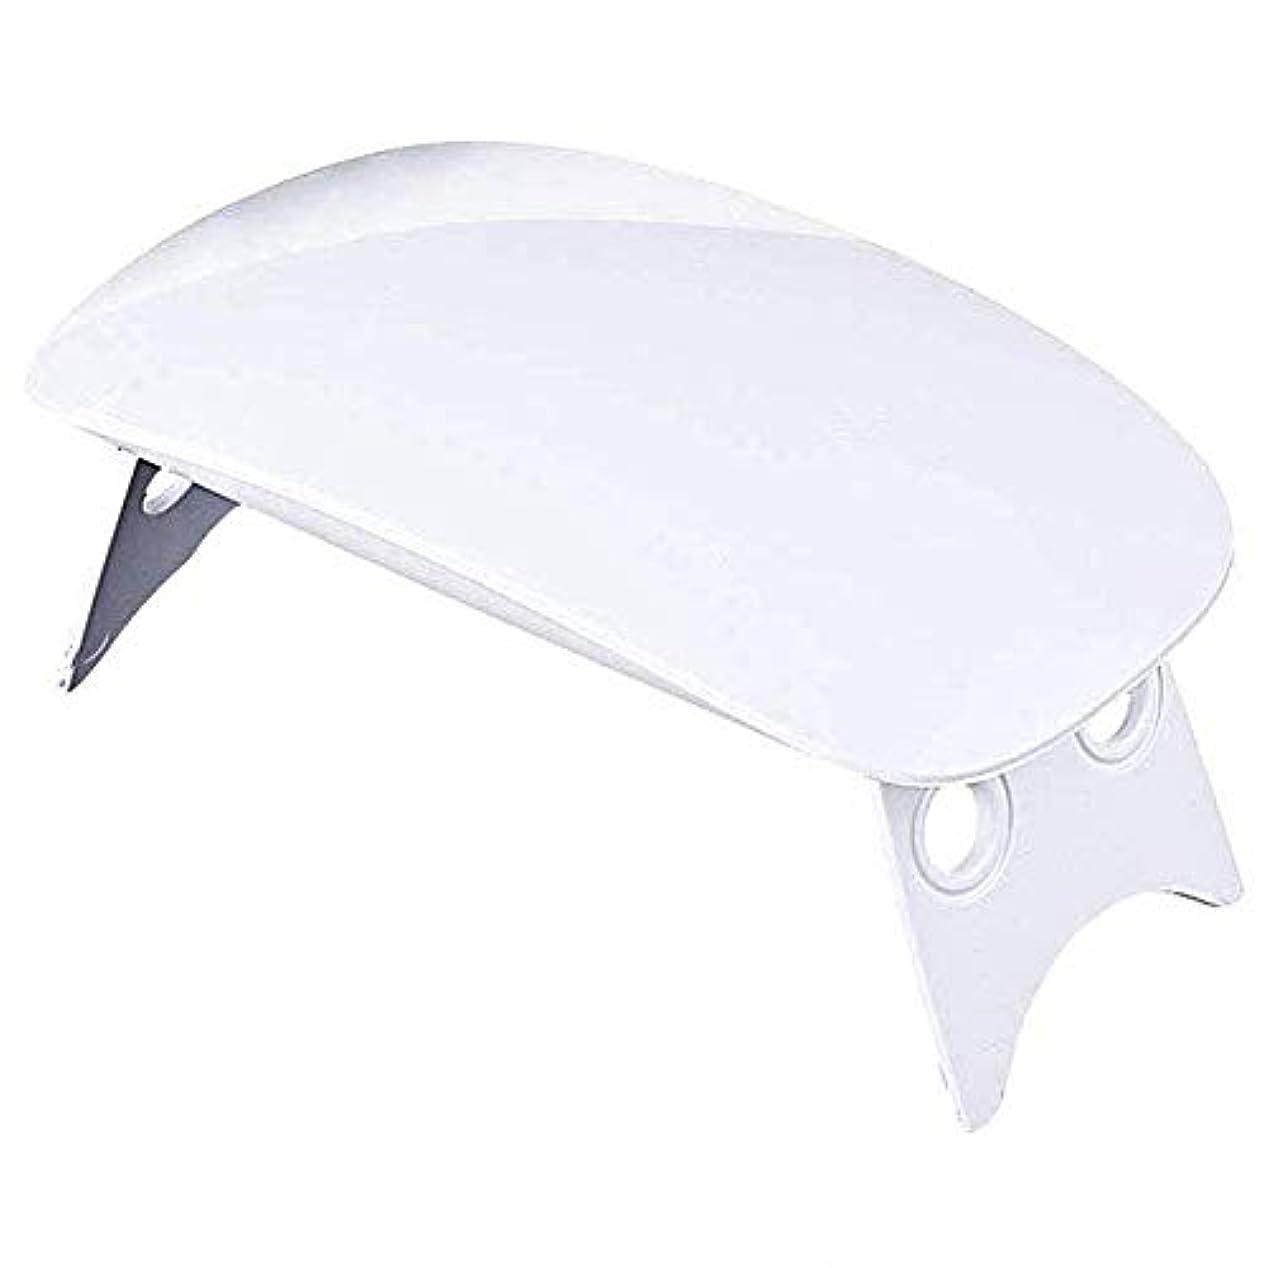 セミナーアーティスト絵LEDネイルドライヤー UVライト 折りたたみ式 設定可能 タイマー ジェルネイル